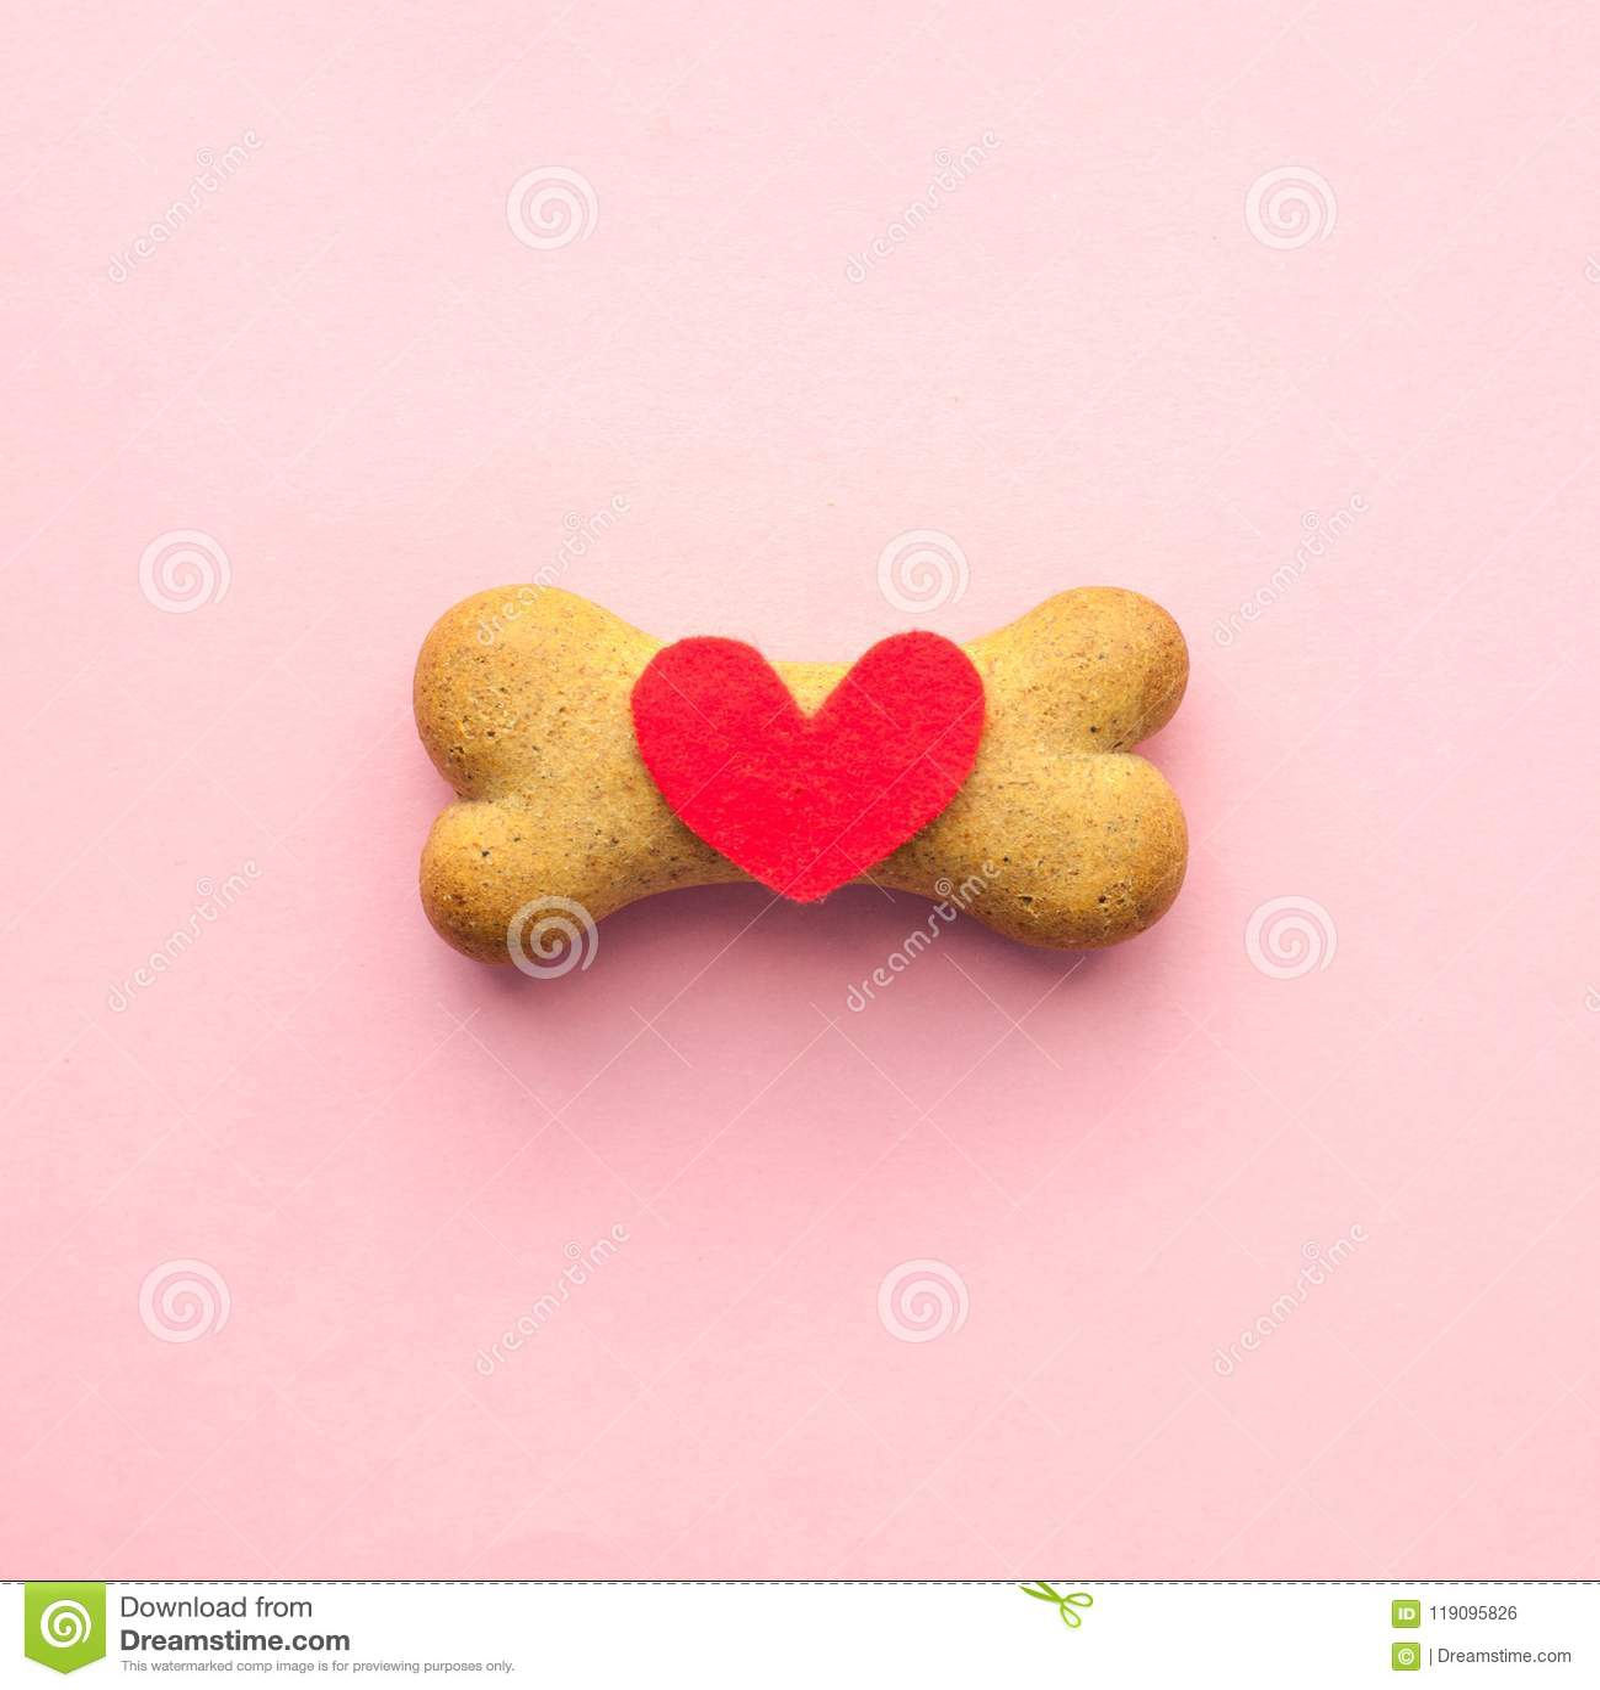 Ben-format kex för hund och röd hjärta på rosa bakgrund, älsklings- omsorg för begrepp